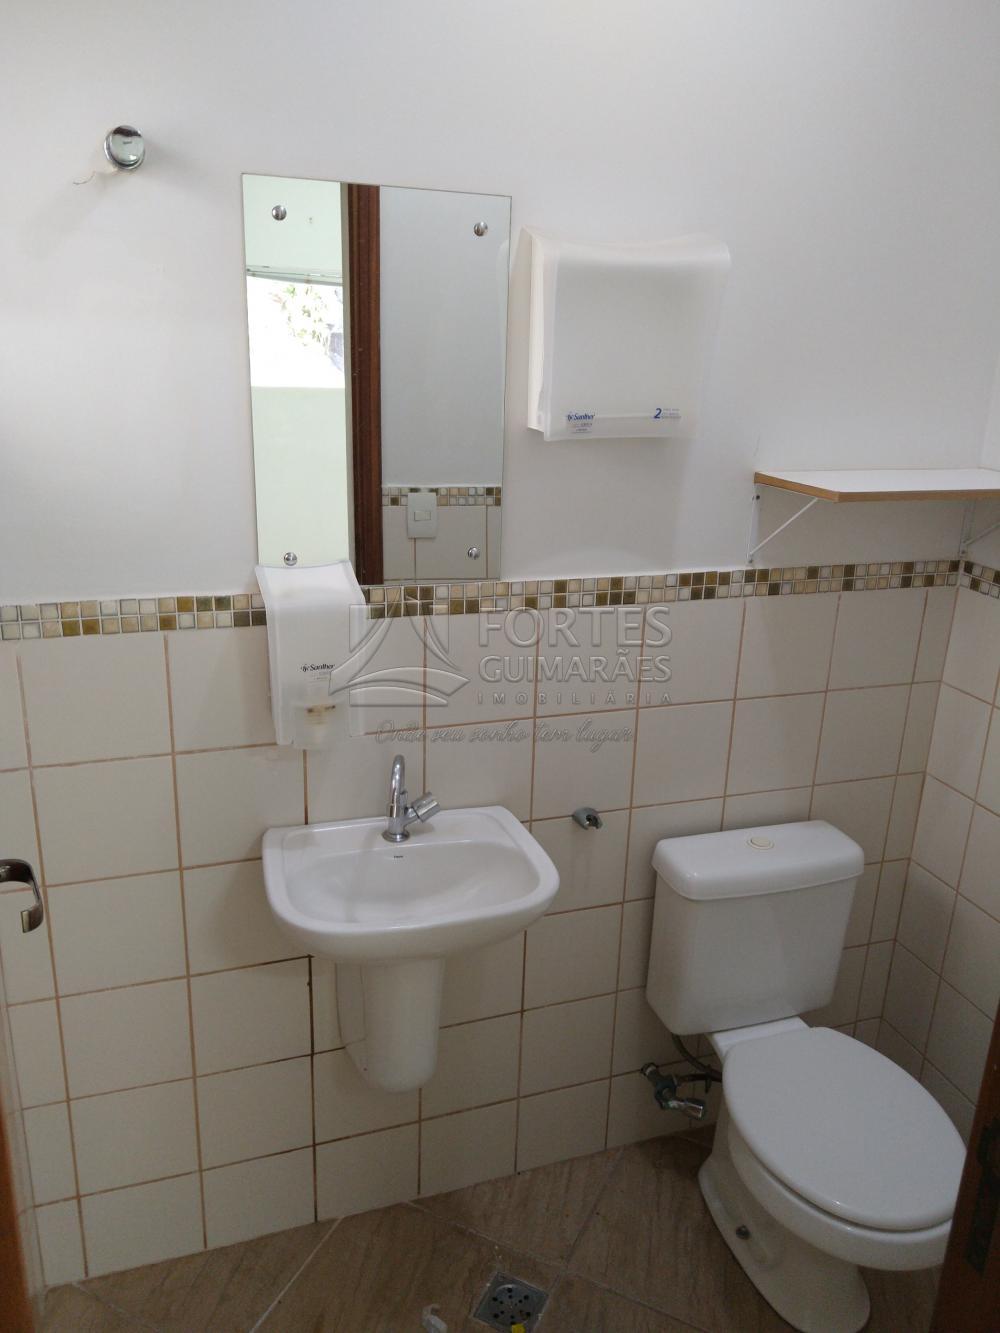 Alugar Comercial / Imóvel Comercial em Ribeirão Preto apenas R$ 12.000,00 - Foto 58